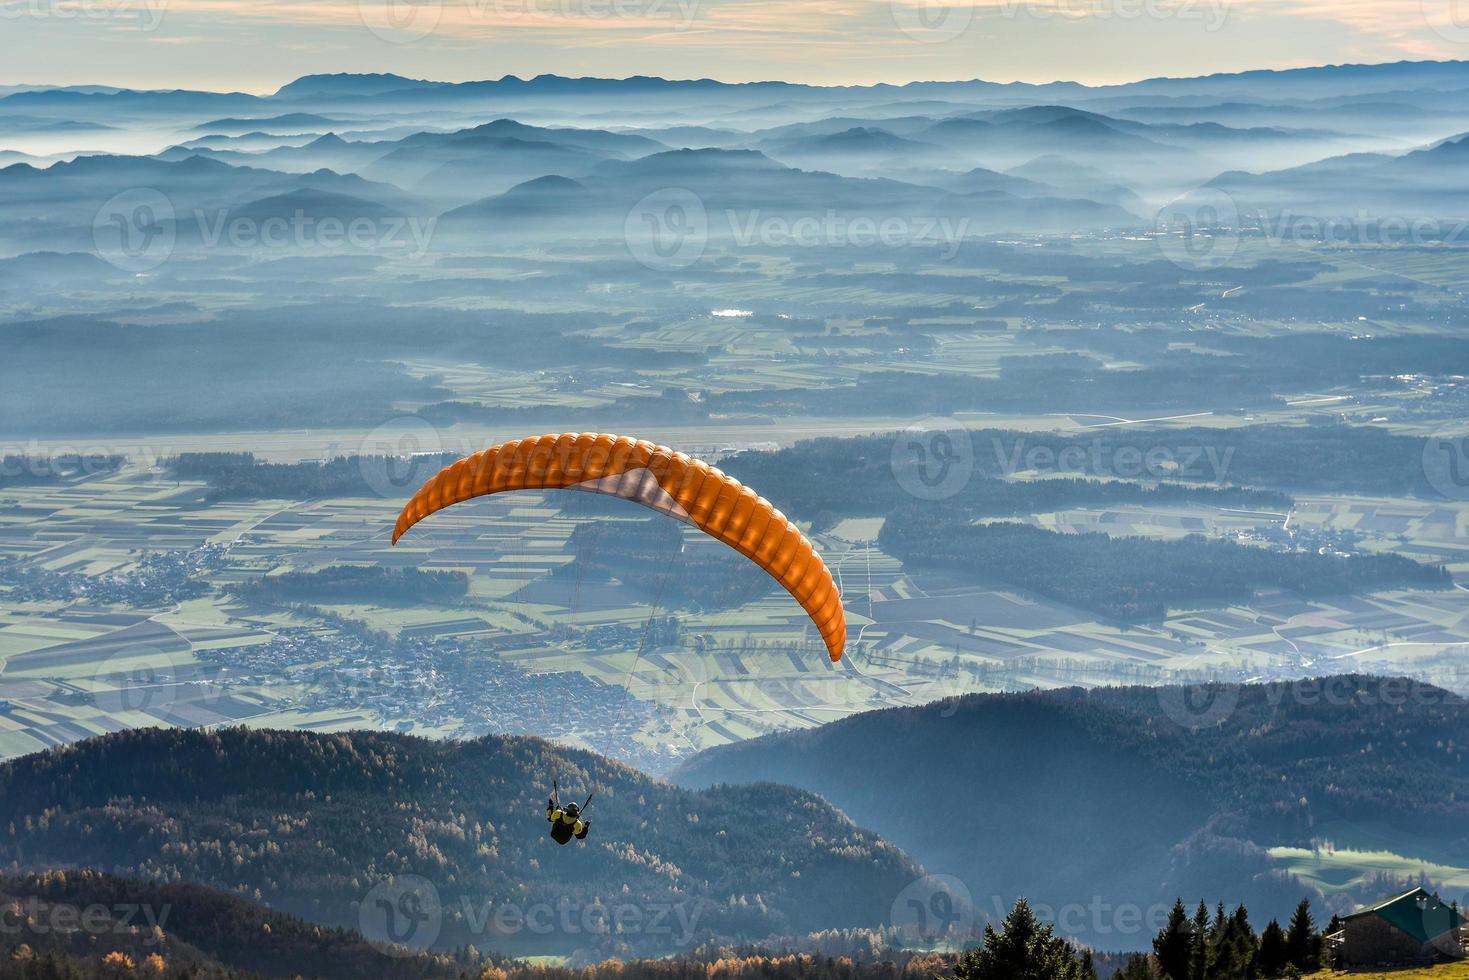 parapente está voando no vale foto